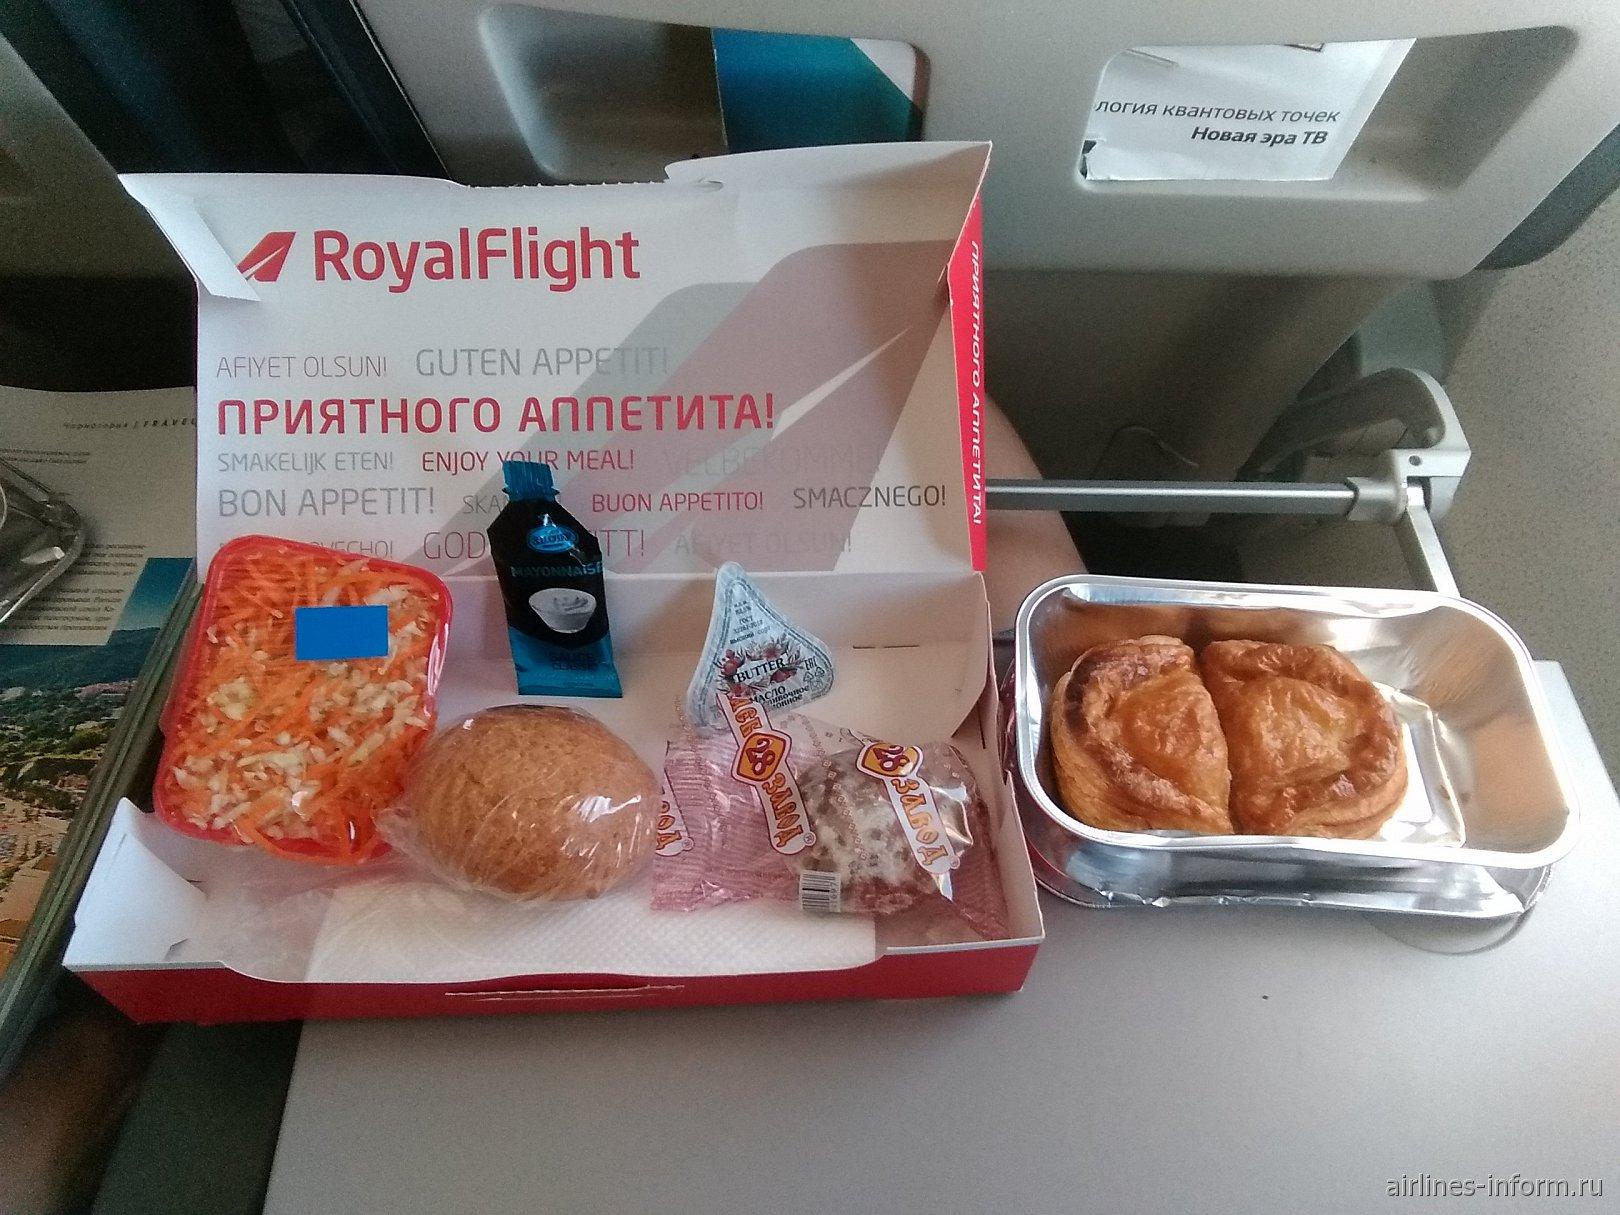 Бортовое питание на рейсе Реус-Москва авиакомпании Royal Flight